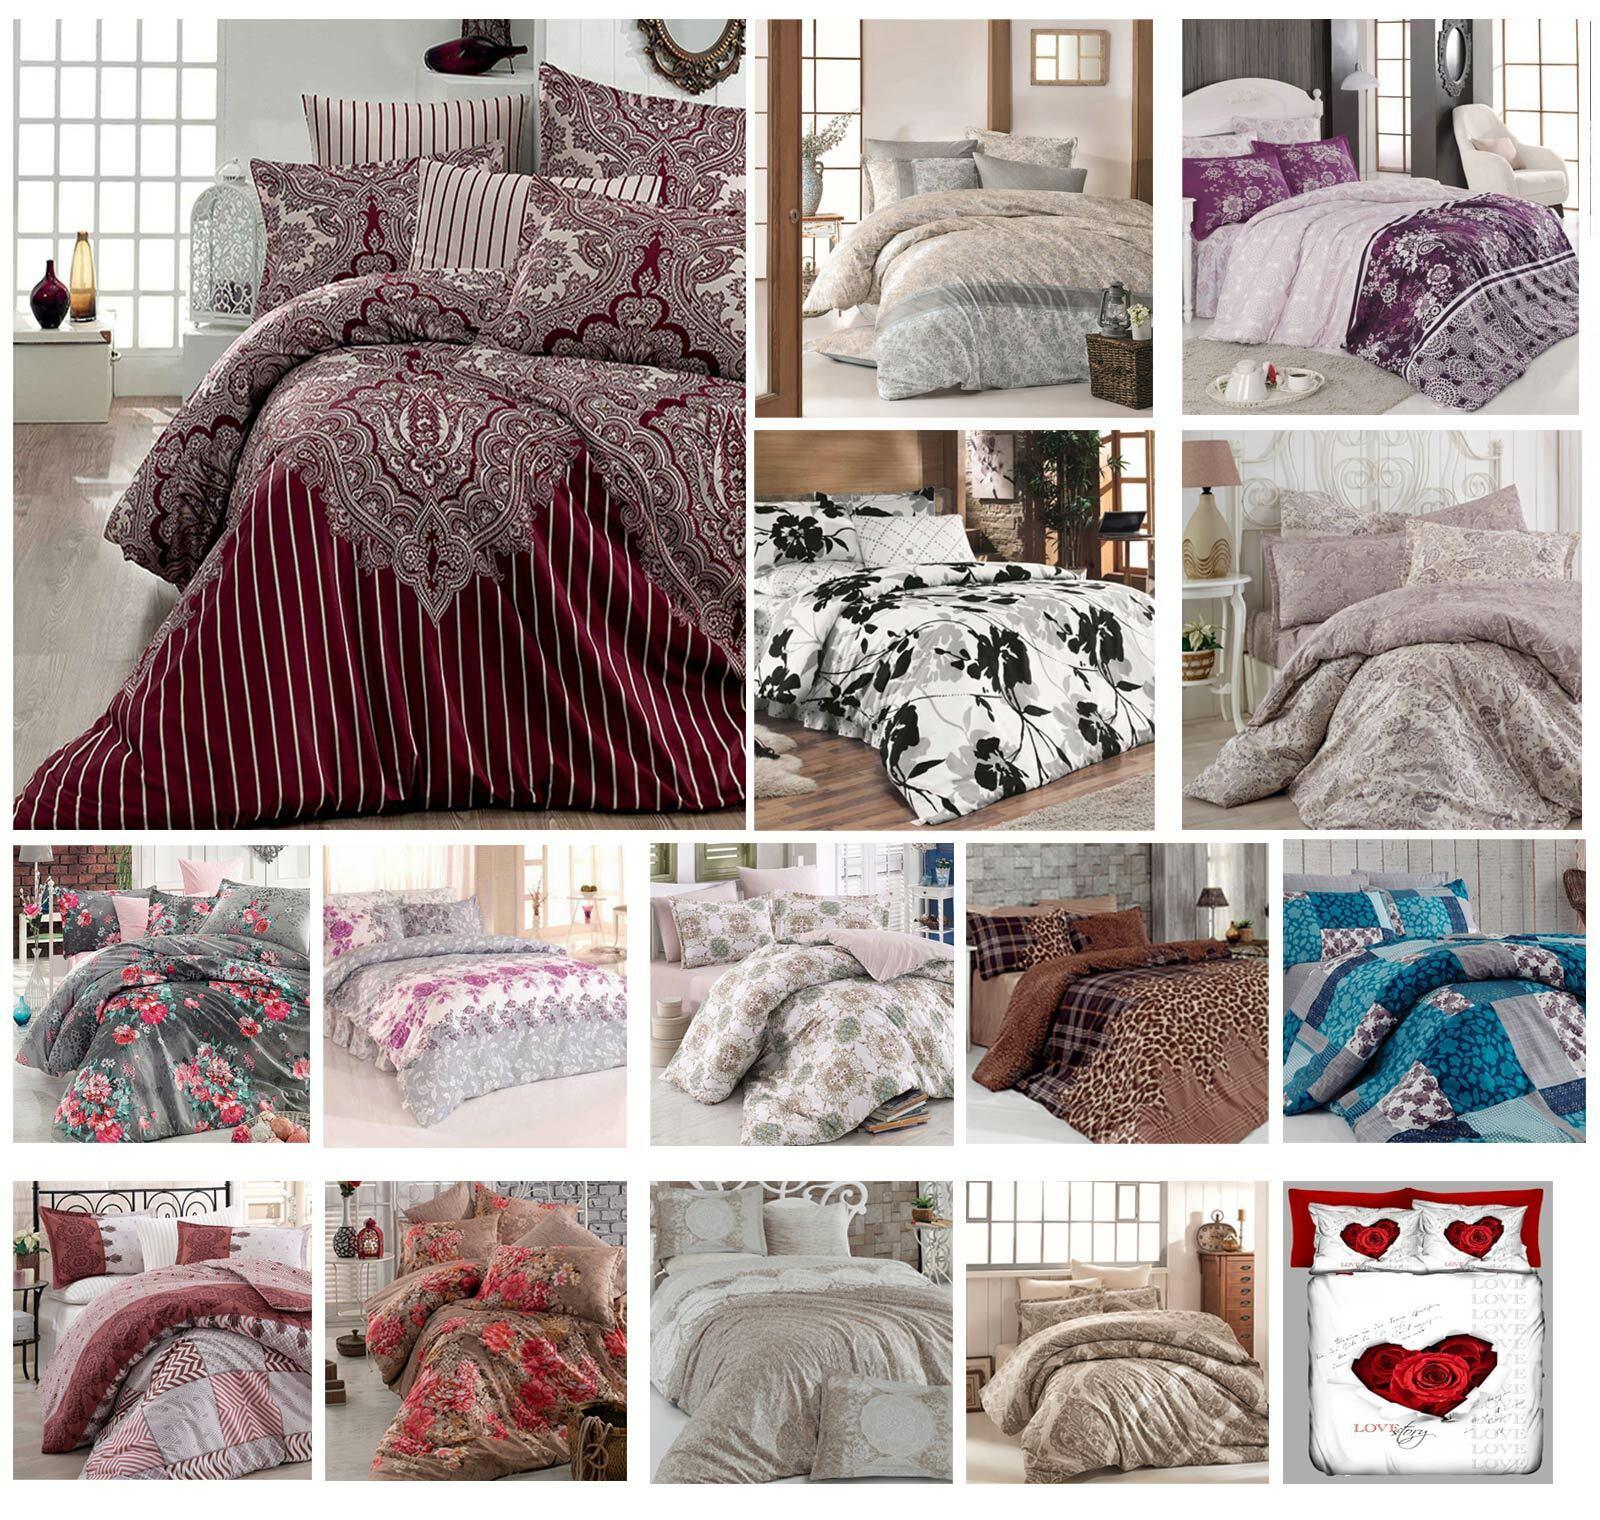 Bettwäsche 135x200 cm Bettgarnitur Bettbezug Baumwolle Kissen 6 tlg VAR  1 | Bevorzugtes Material